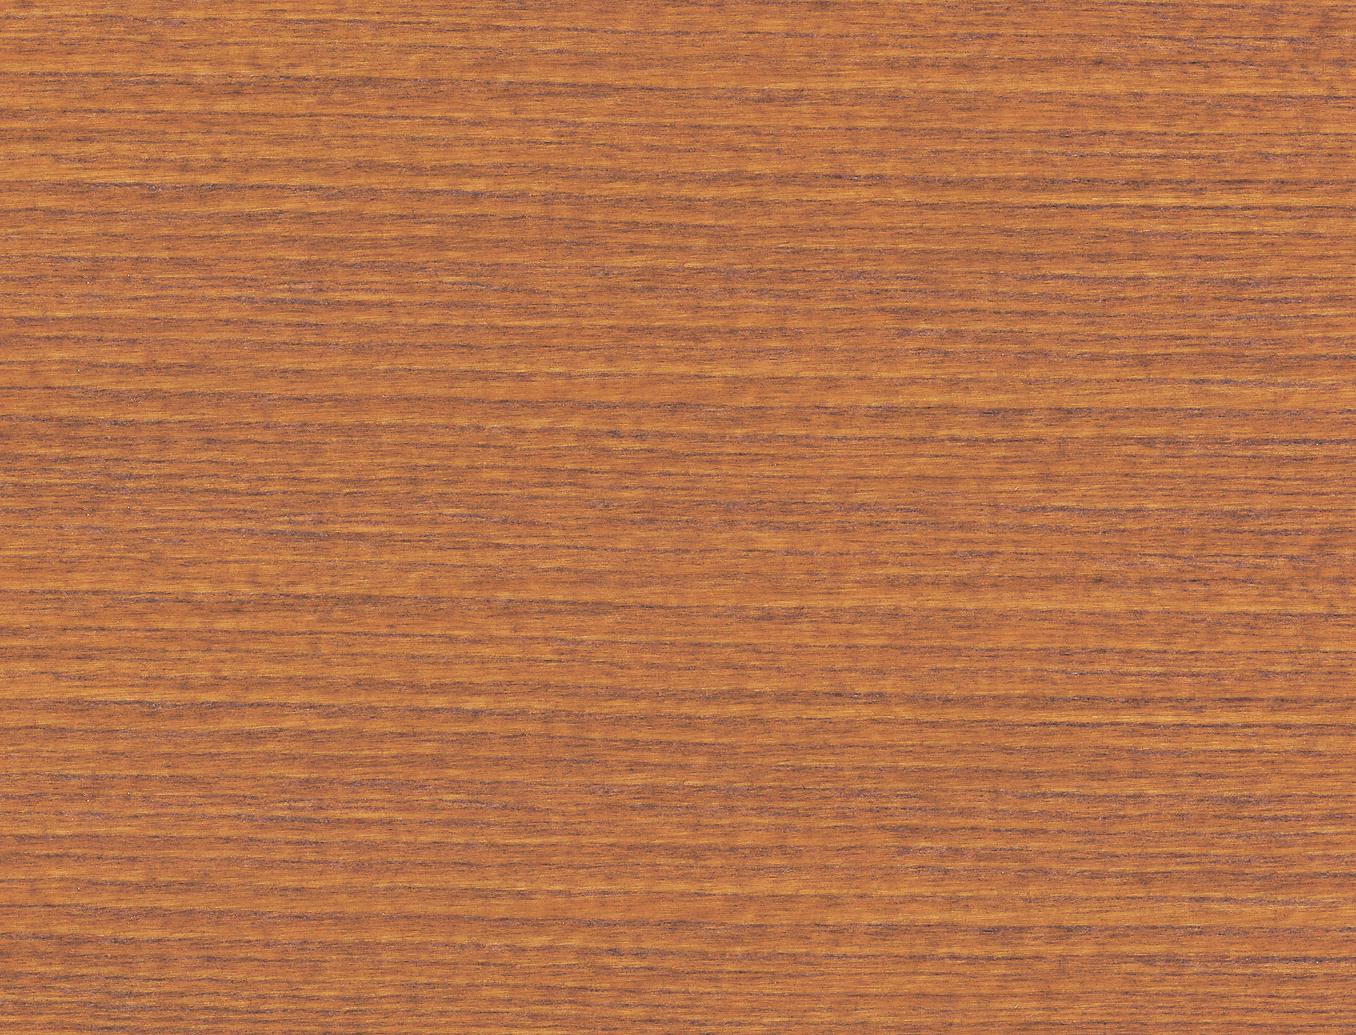 holz-lasur holz wetterfest streichen: alpina universal-lasur walnuss